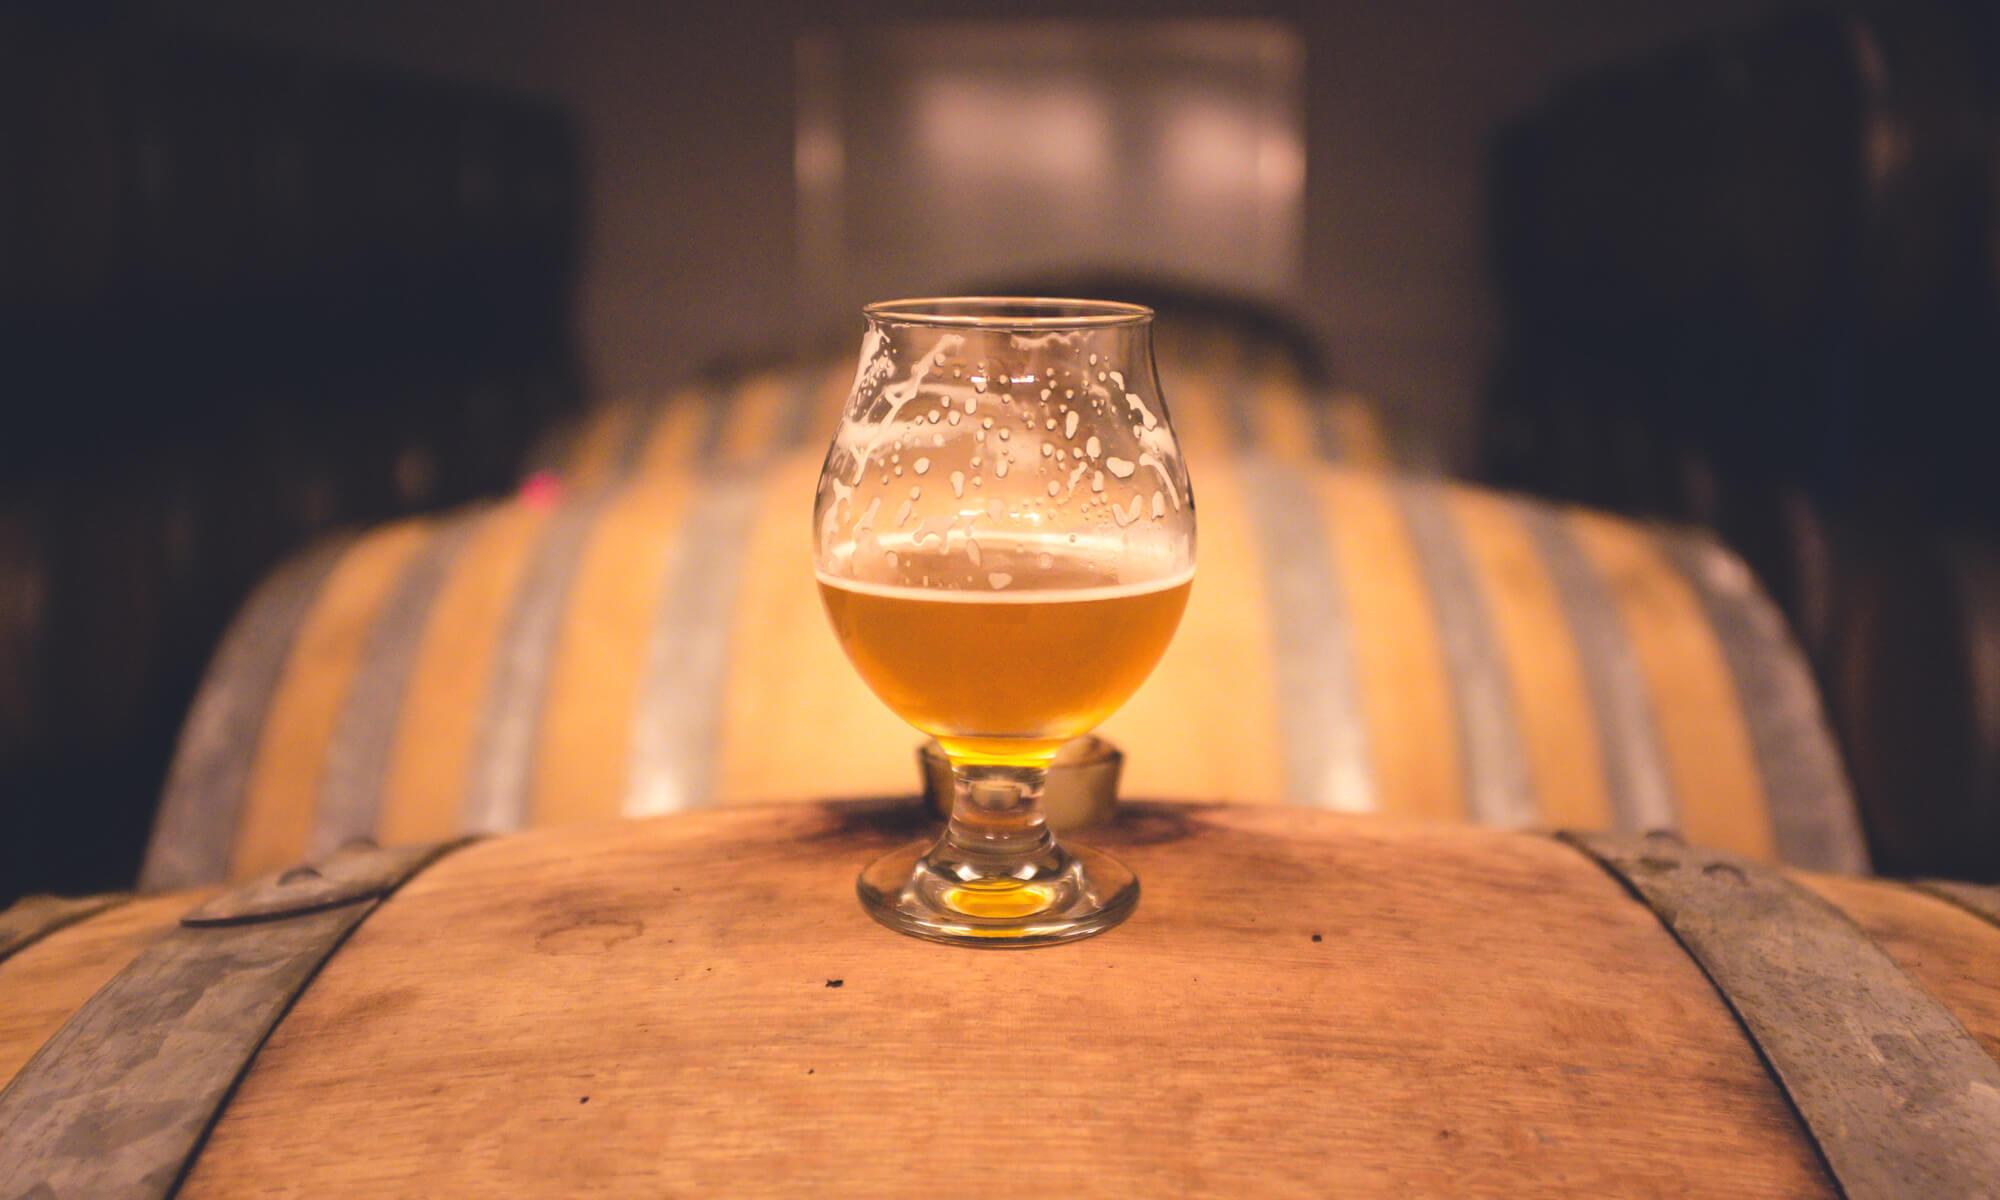 Barrel aged bier